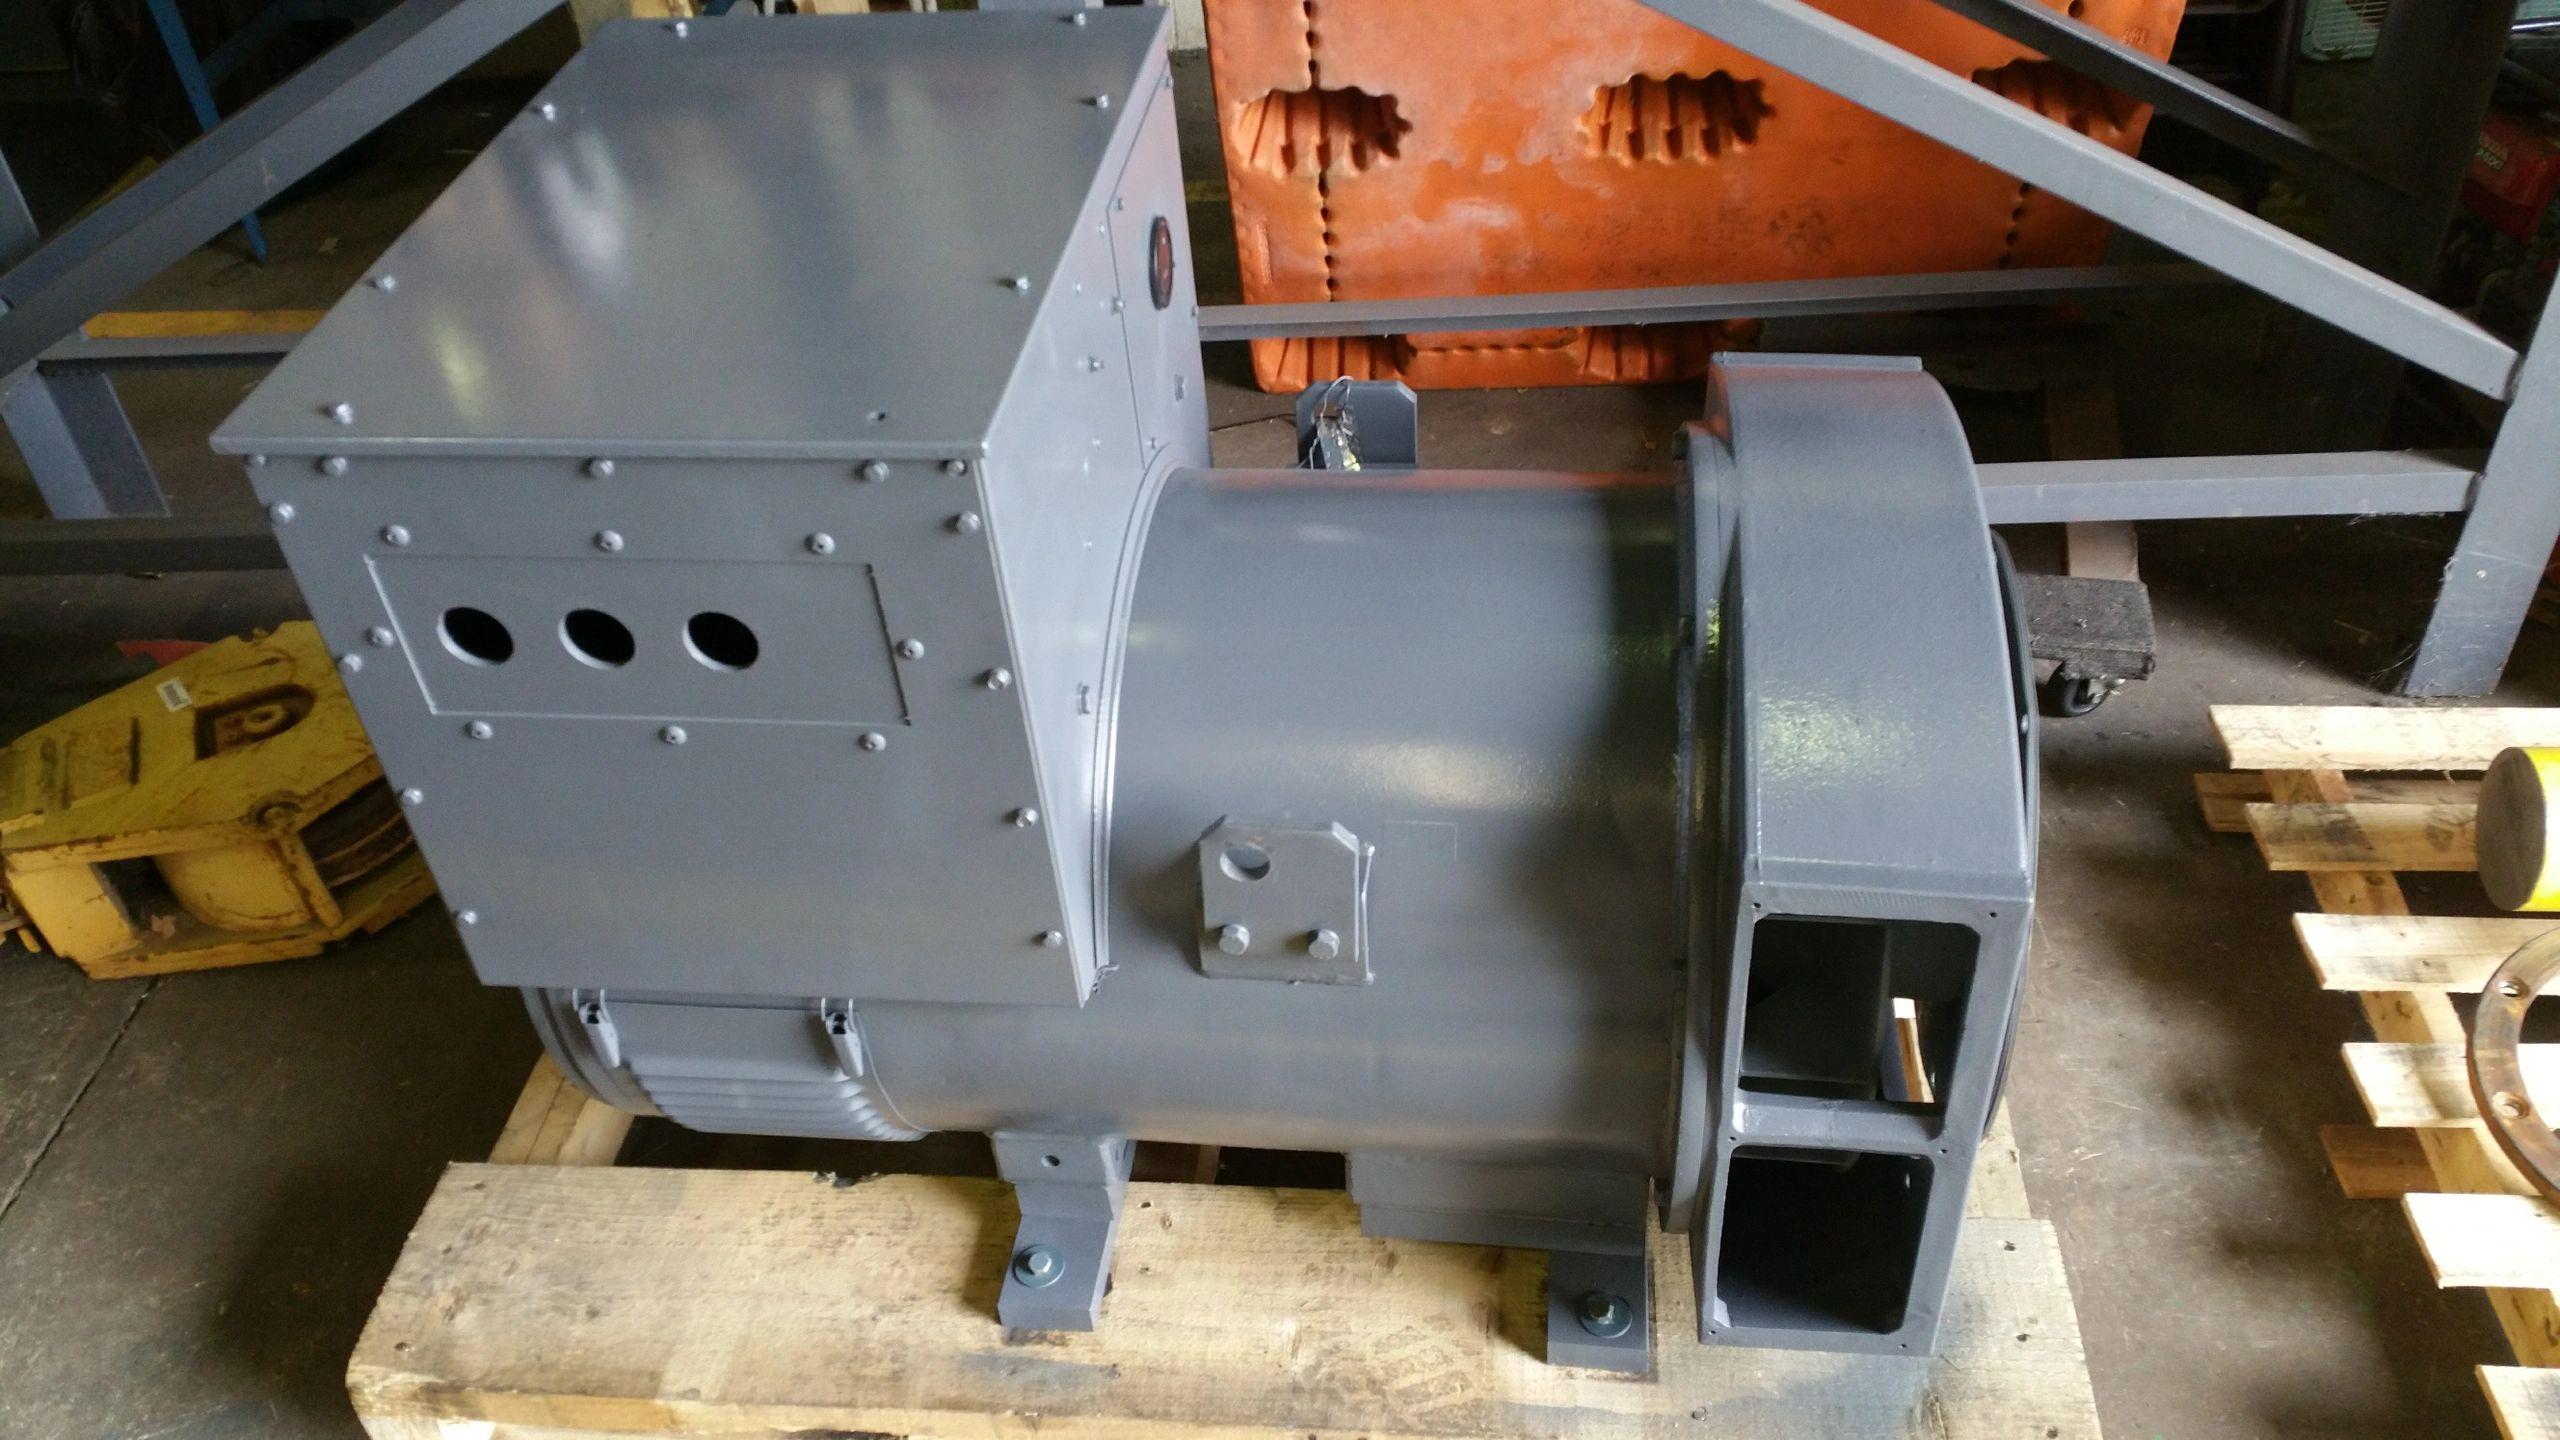 Electric motor repair electrical apparatus ais for Industrial electric motor repair